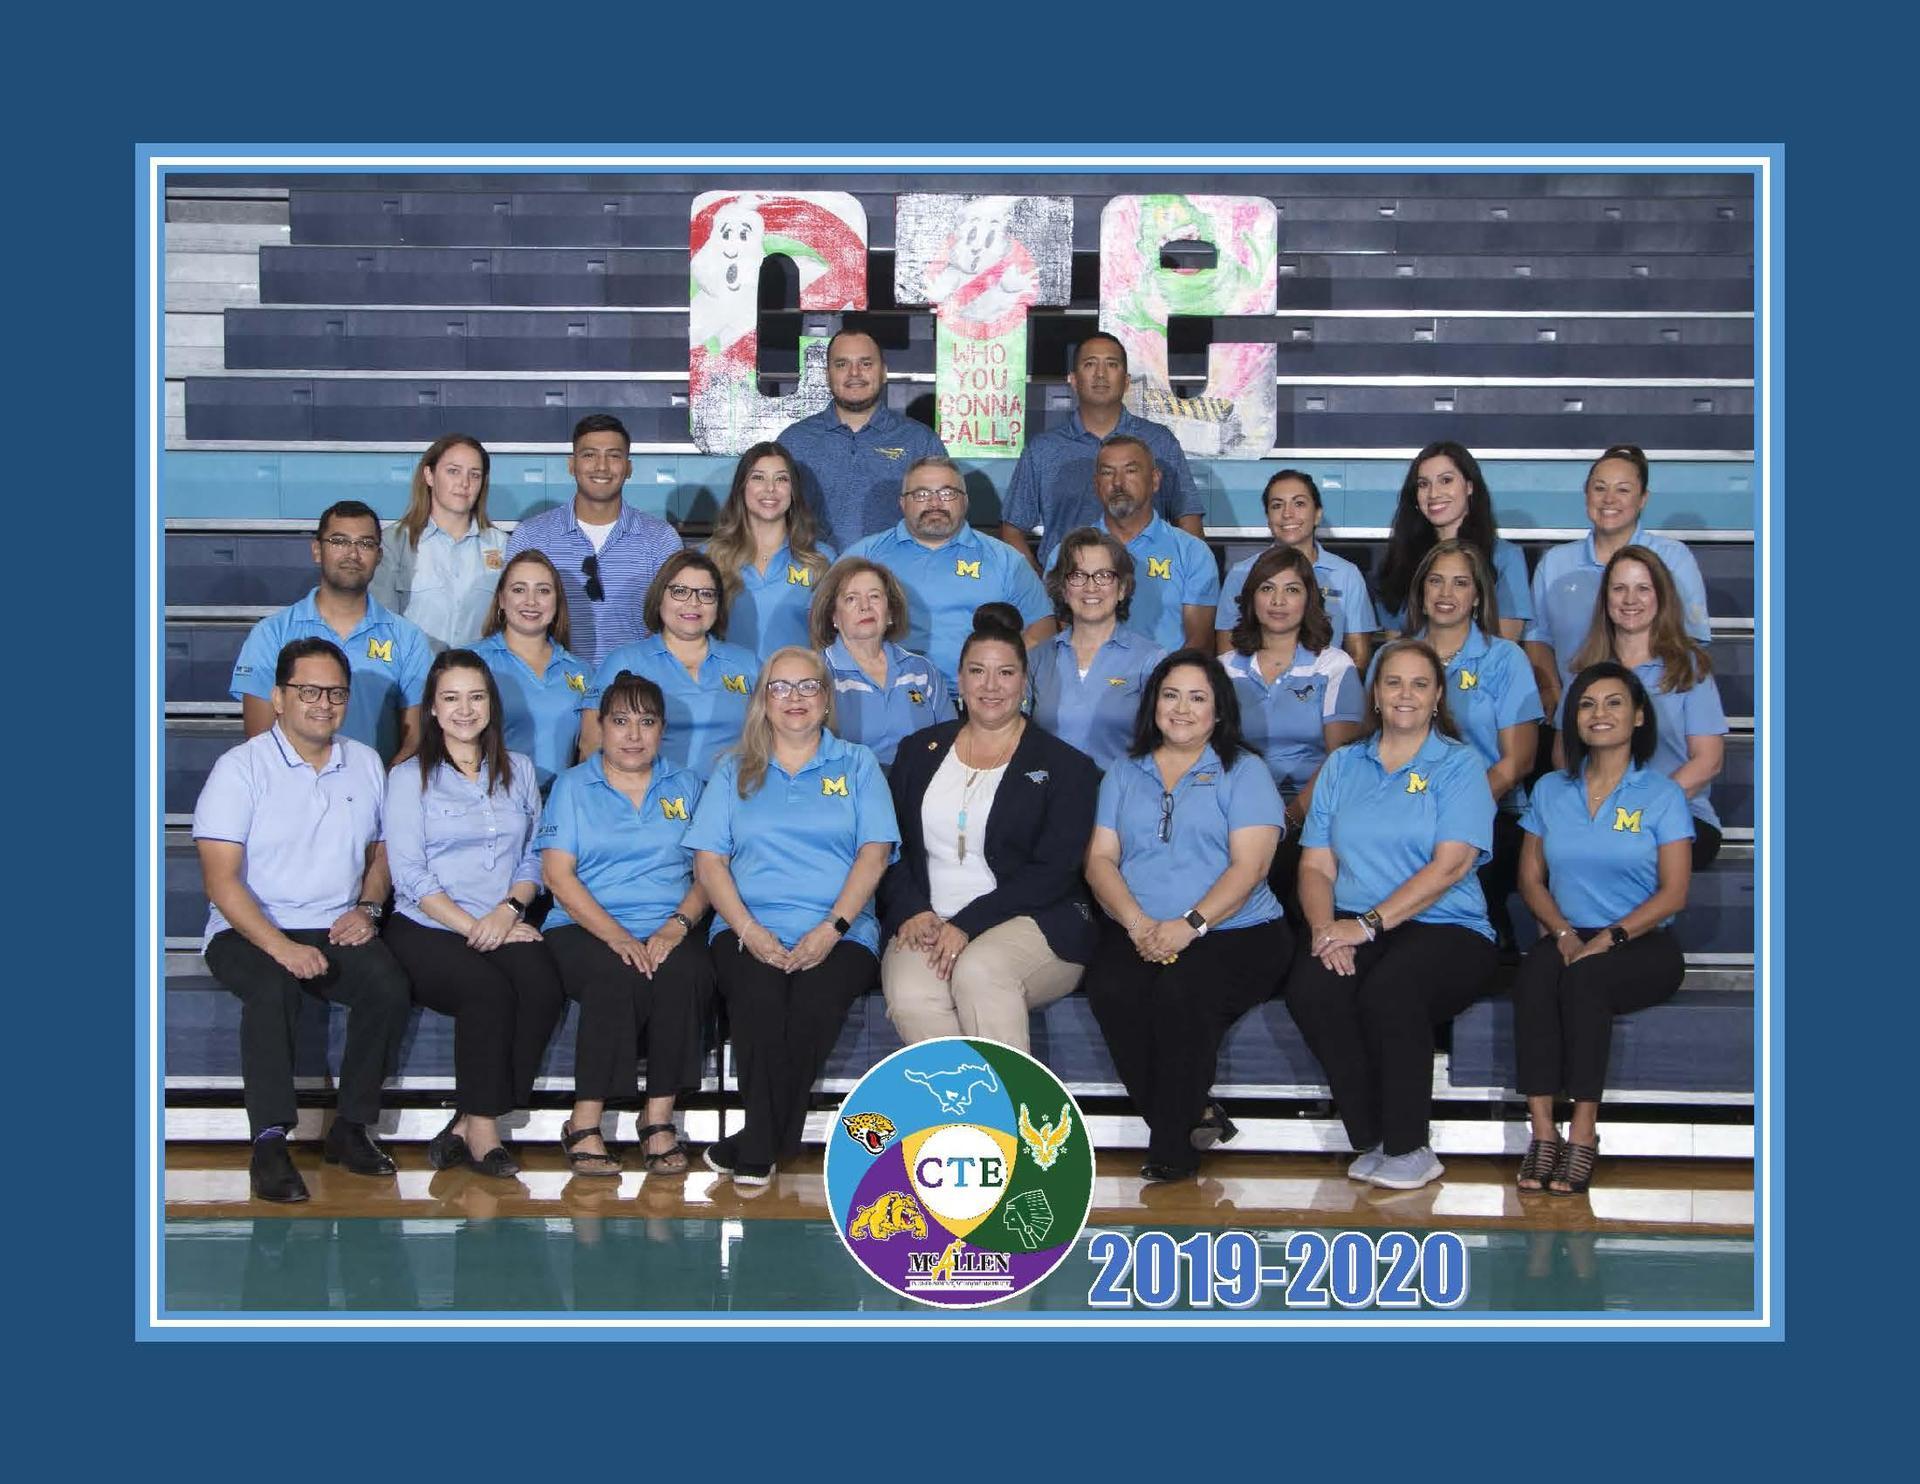 CTE Group Pic 2019